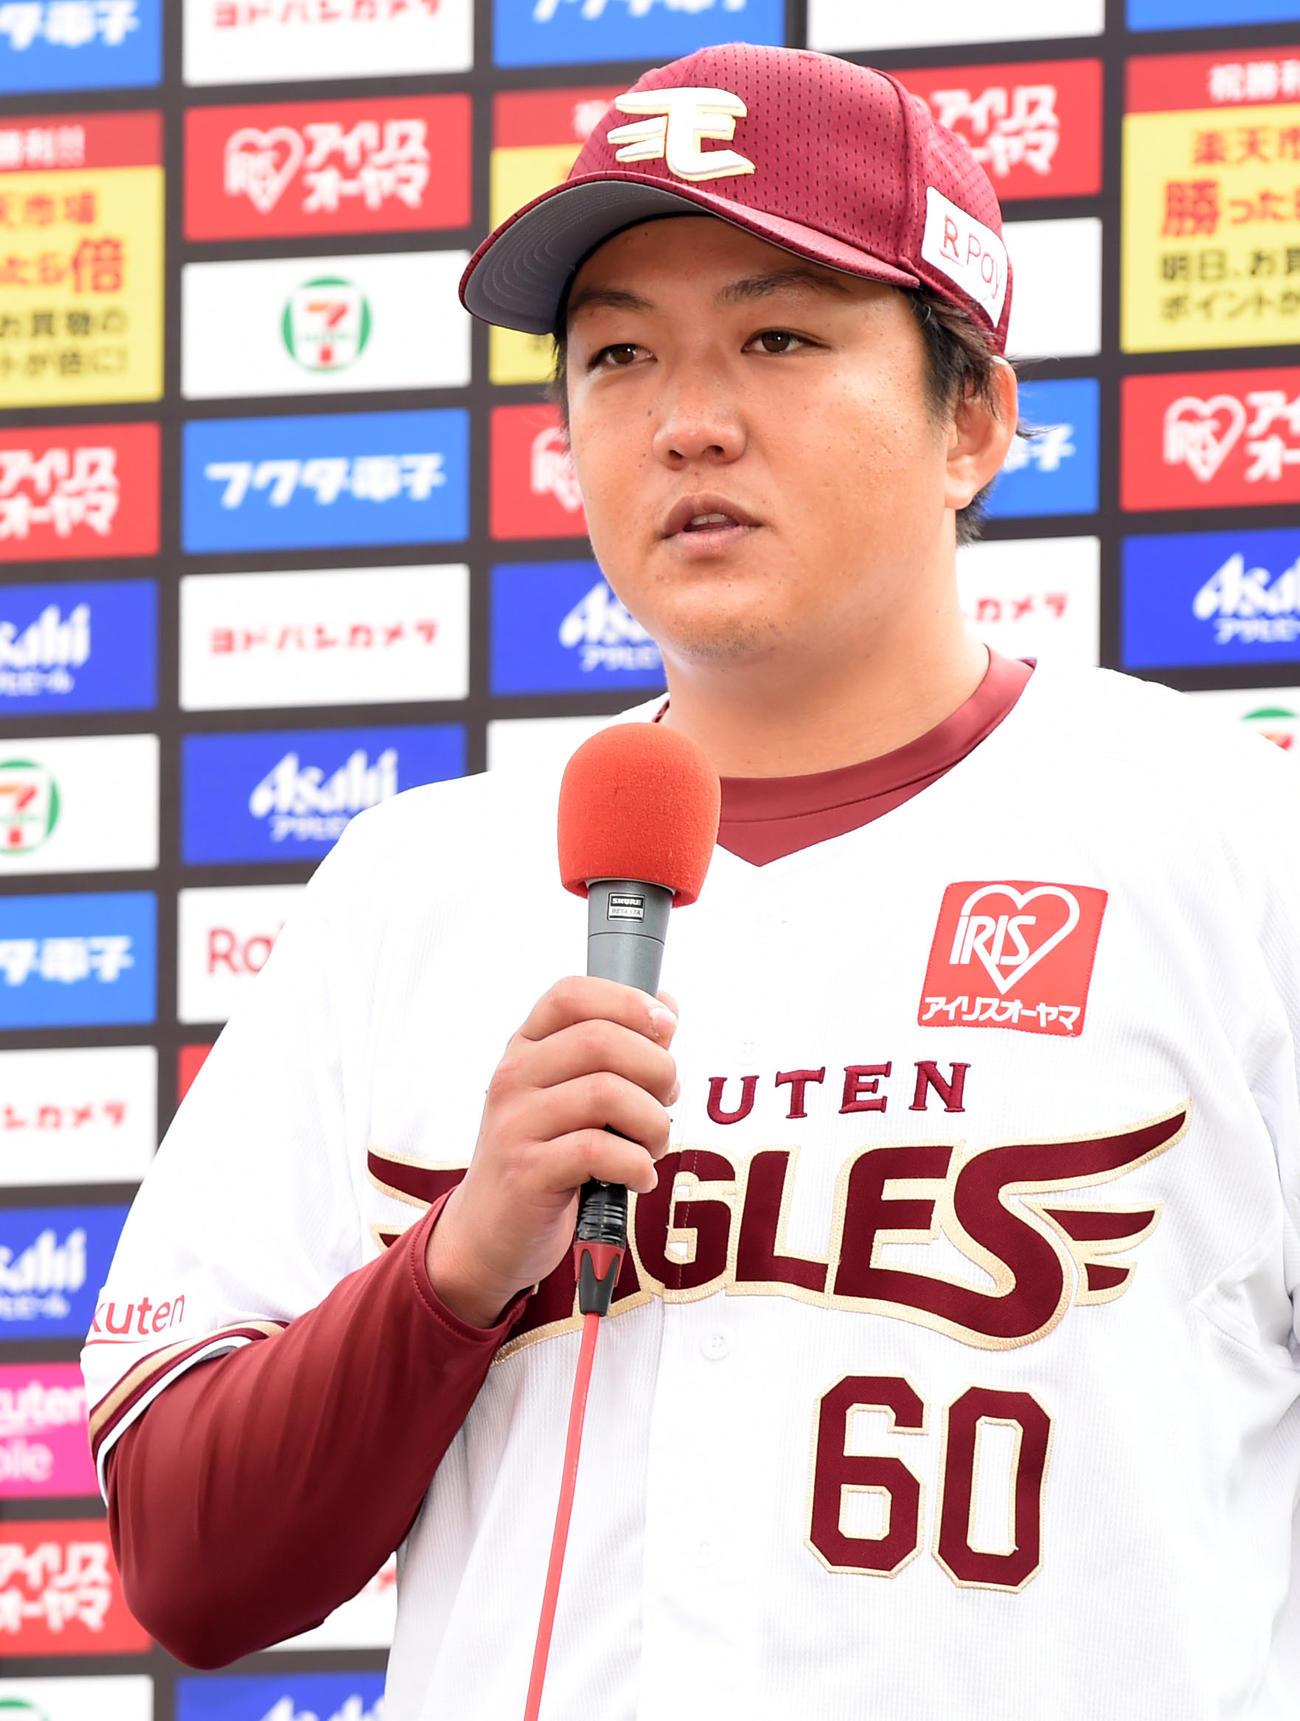 楽天対ロッテ ヒーローインタビューに登場した楽天石橋(撮影・横山健太)